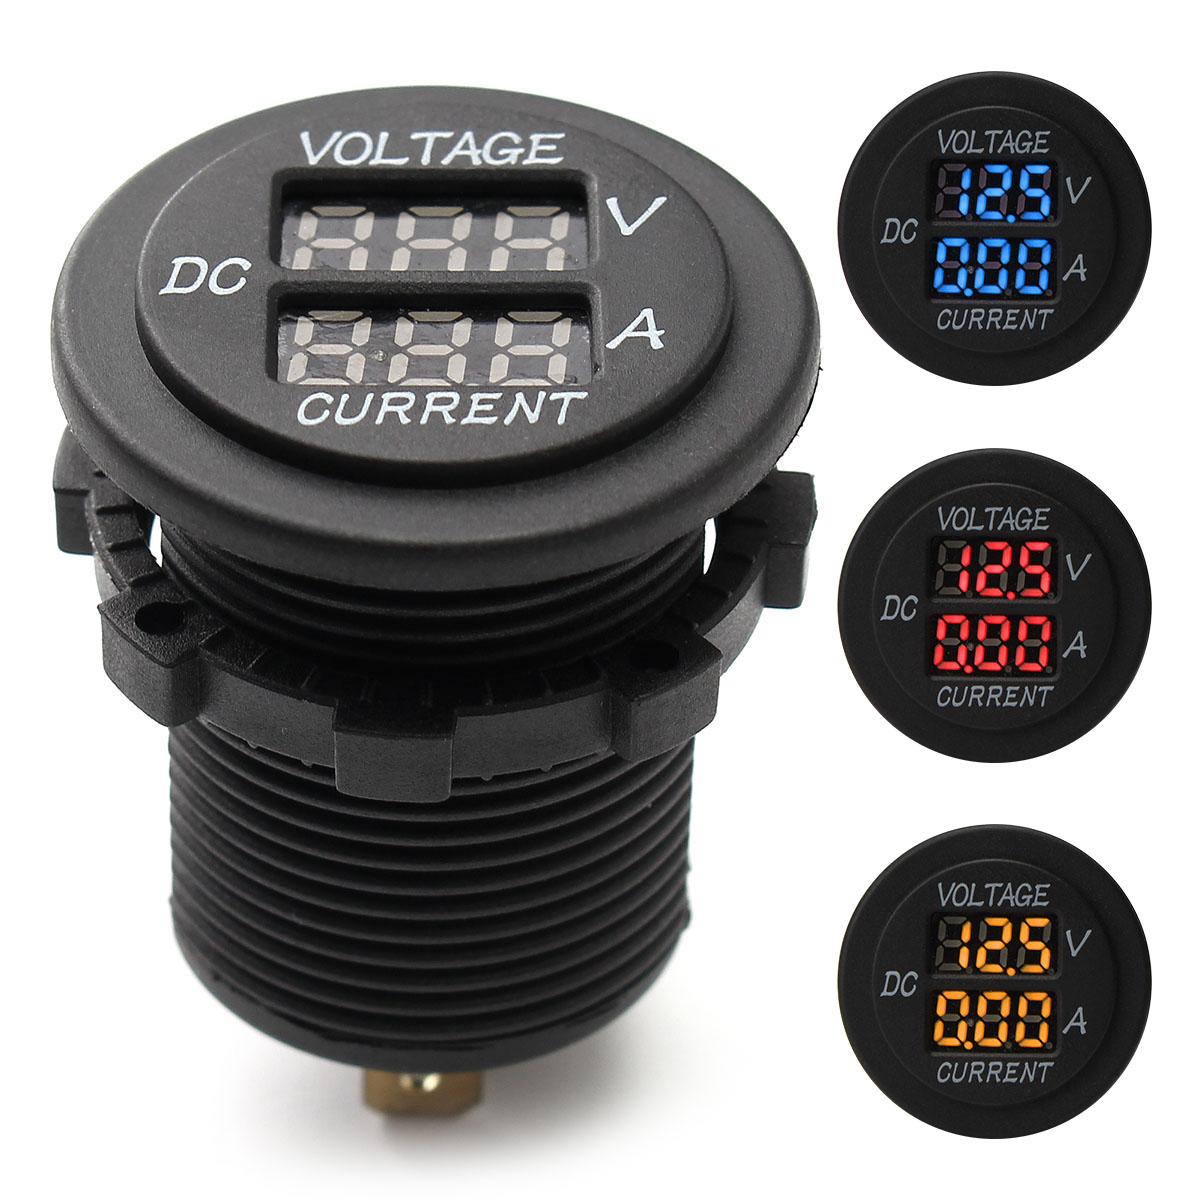 Digital Voltage Meter For Car : Car dc v voltmeter ammeter led display digital